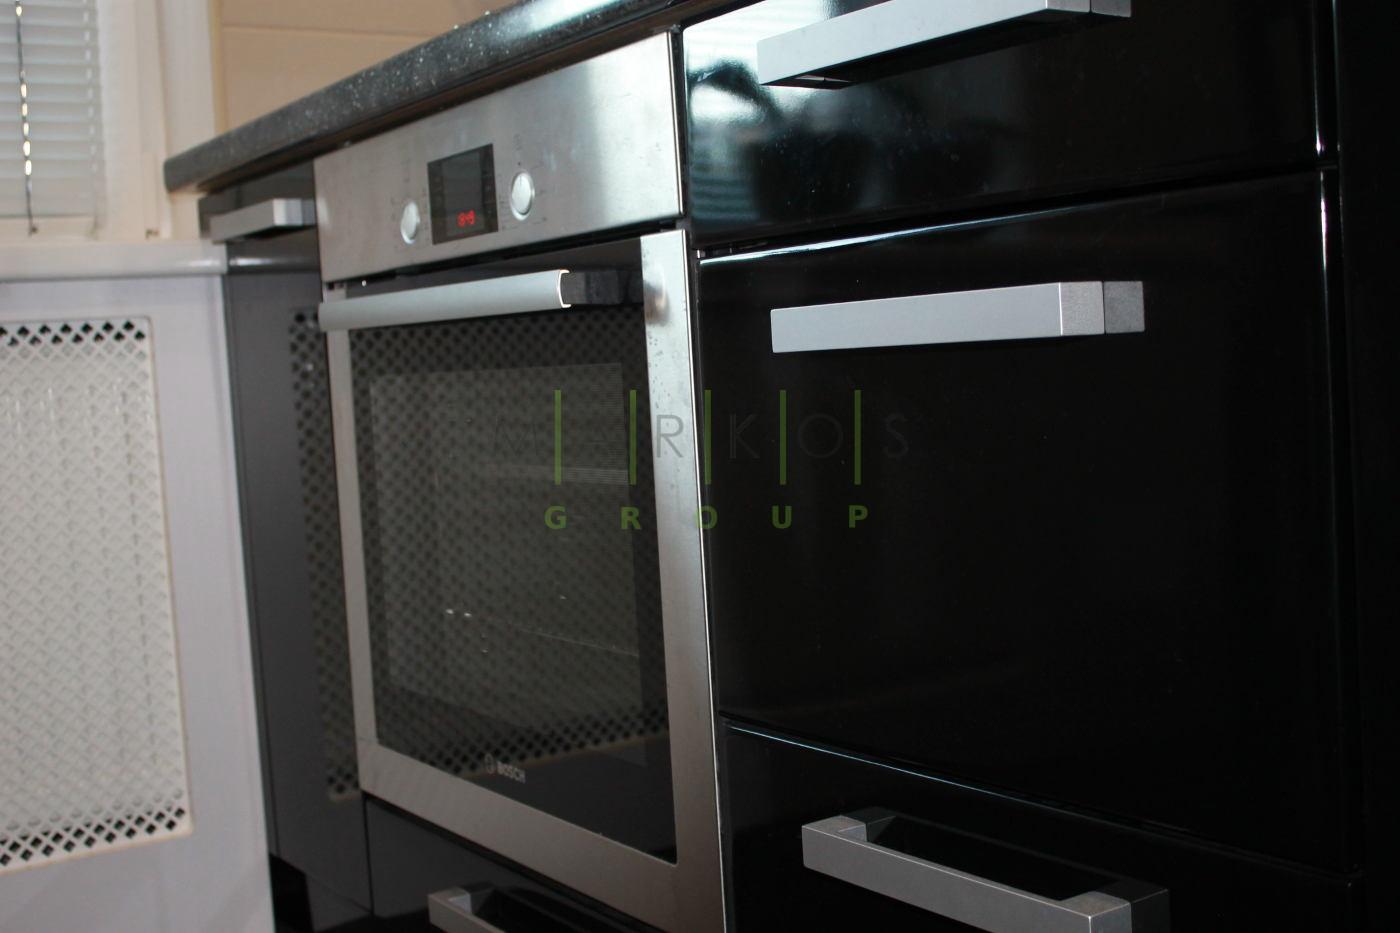 дизайн темной мебели для кухни изготовленной на заказ в Черкассах